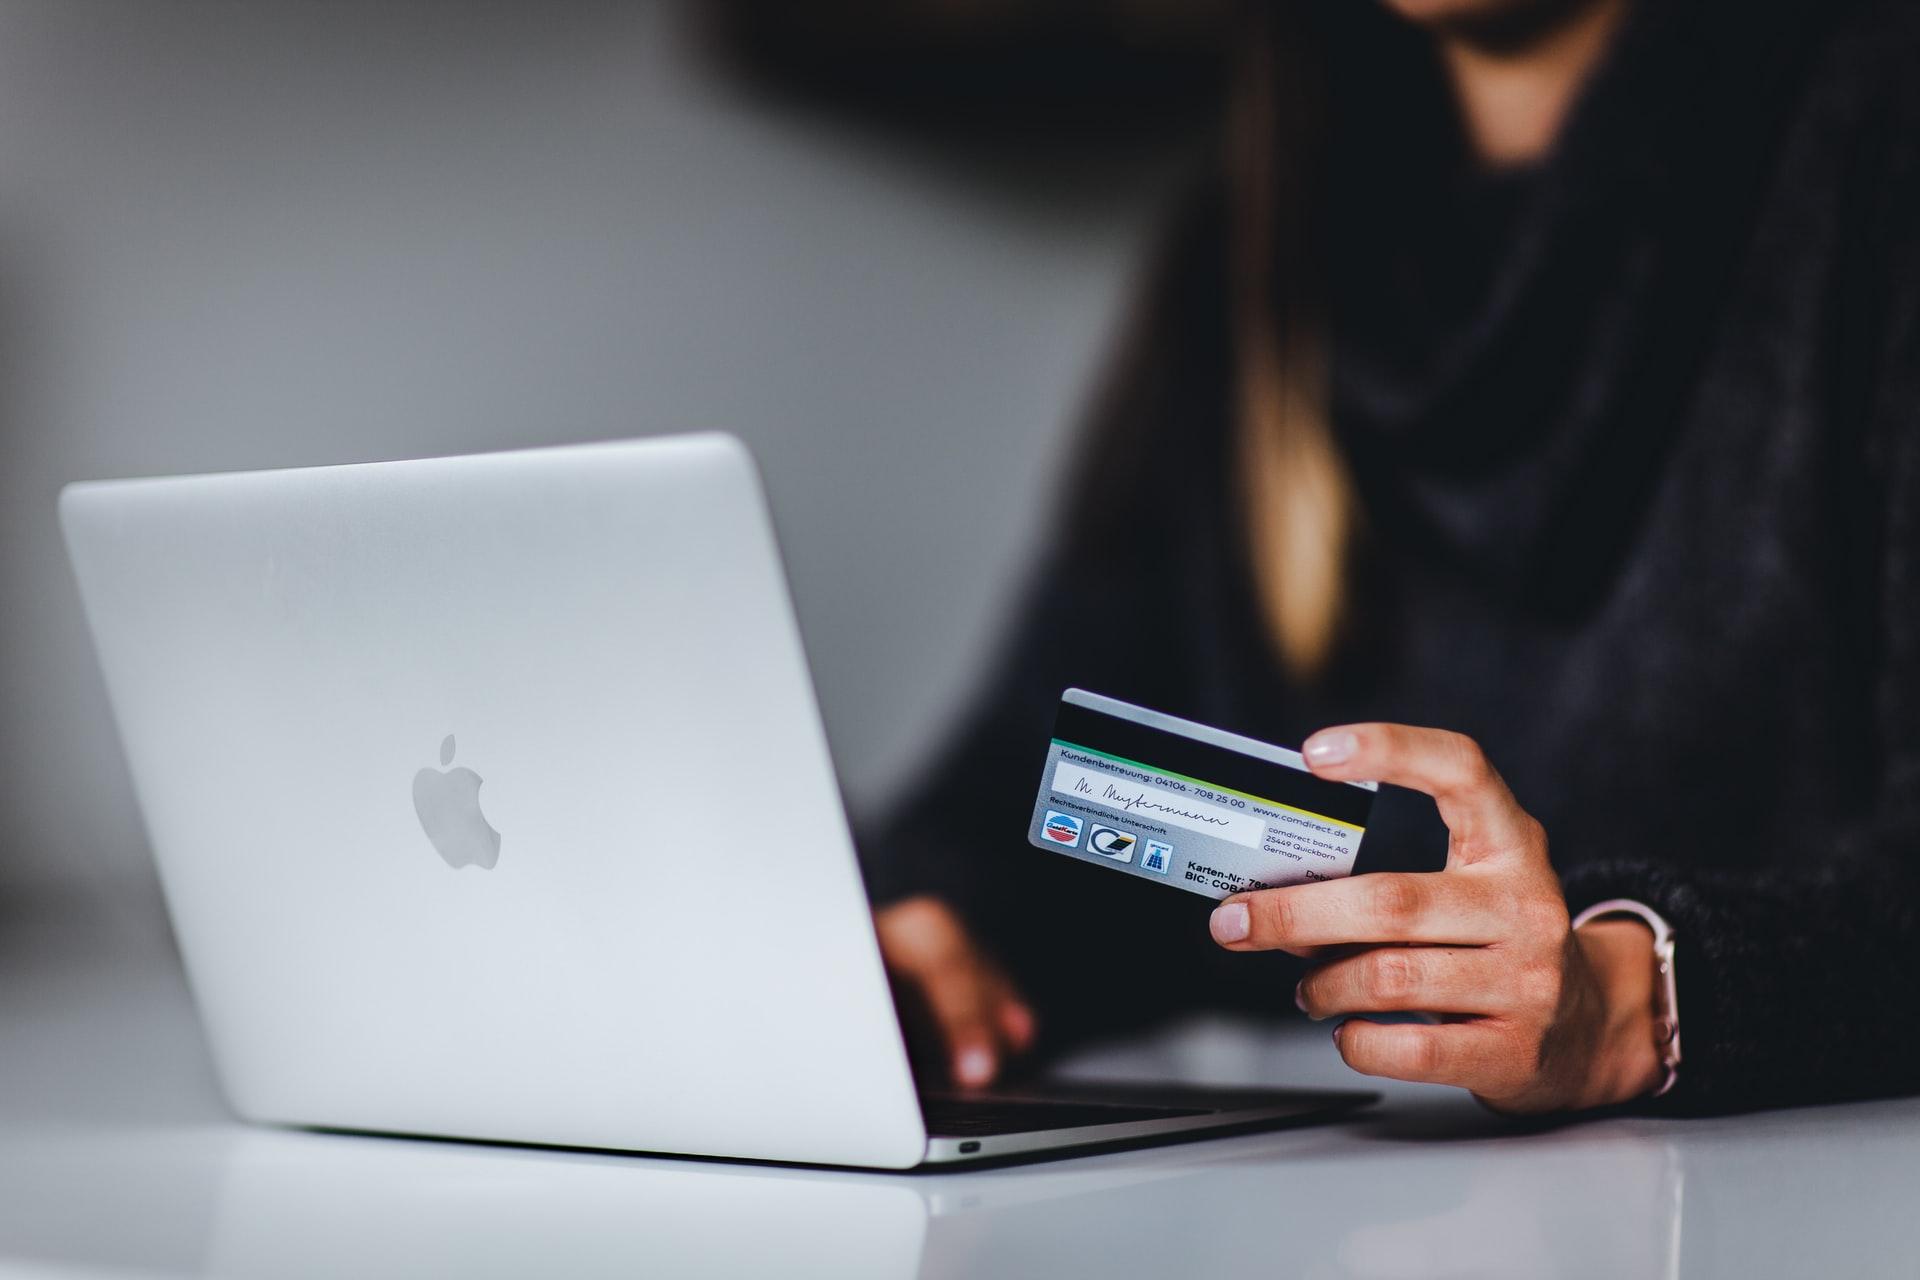 クレジットカードで入金しようとする人